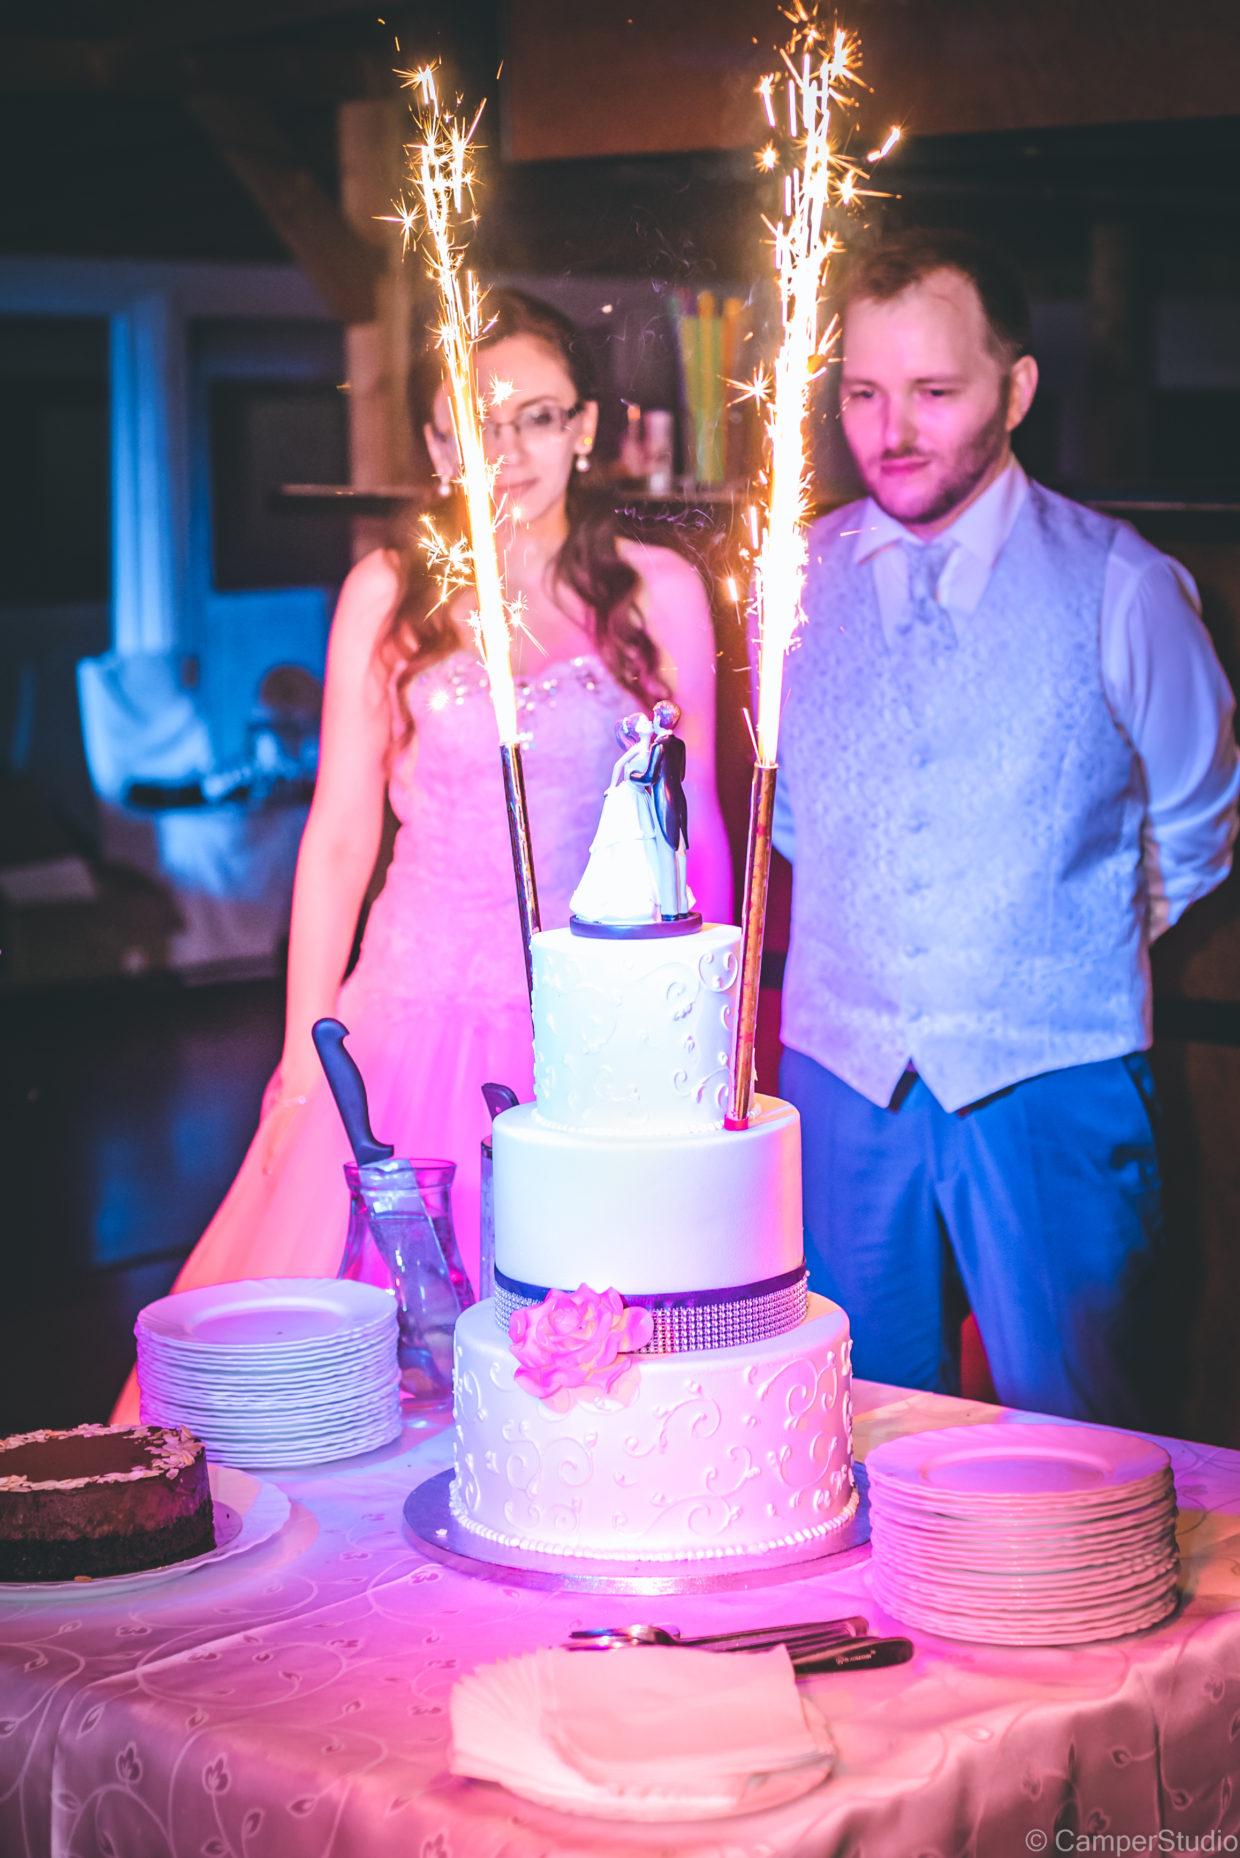 wedding cake, wedding party, esküvői torta, hochzeit torte